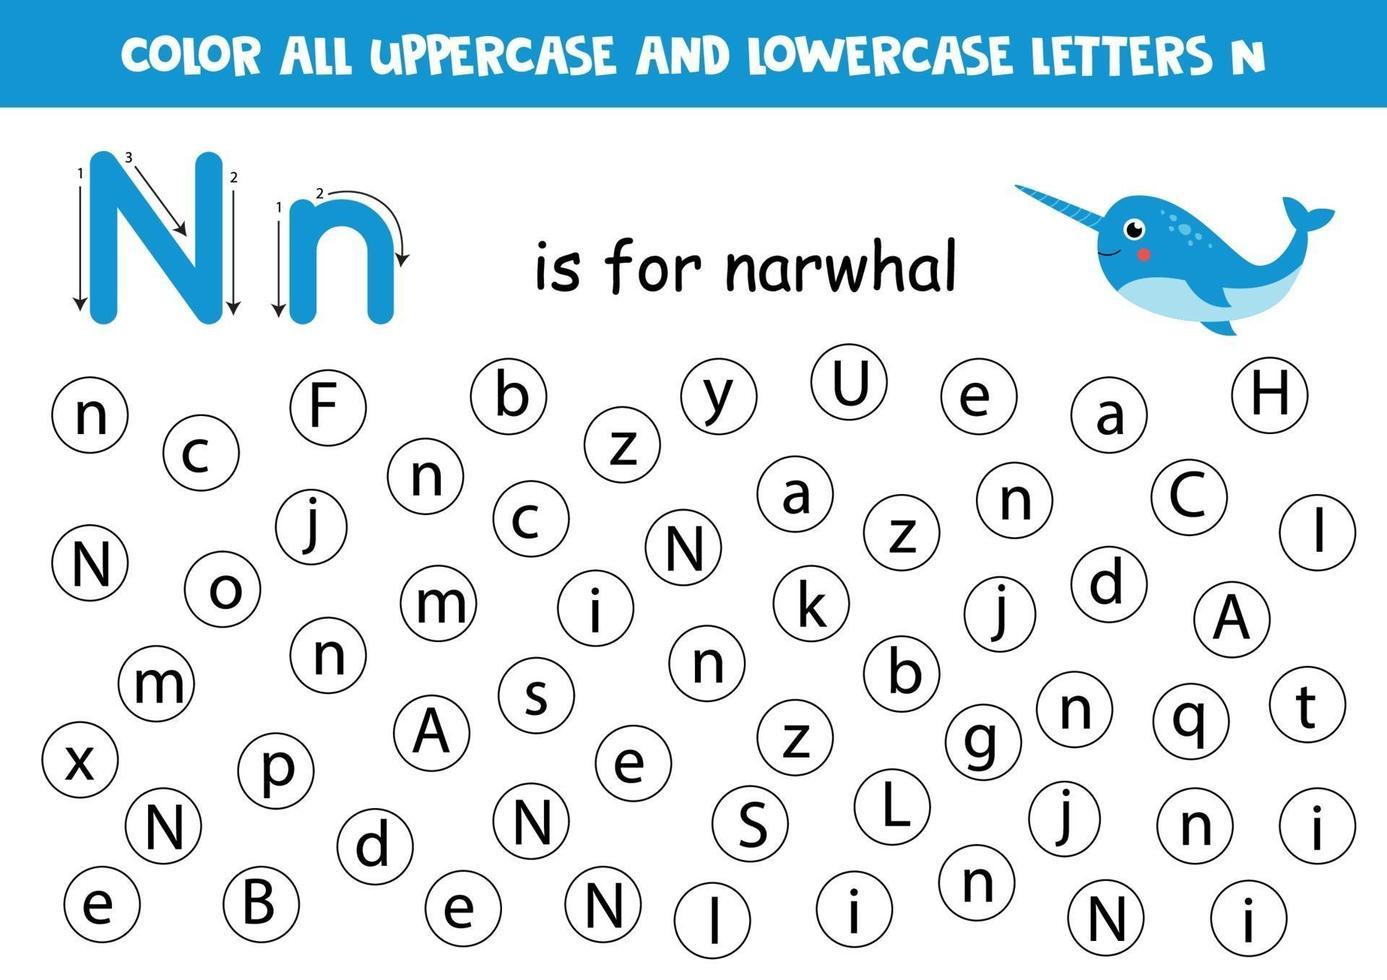 trouver et colorier toutes les lettres n. jeux d'alphabet pour les enfants. vecteur